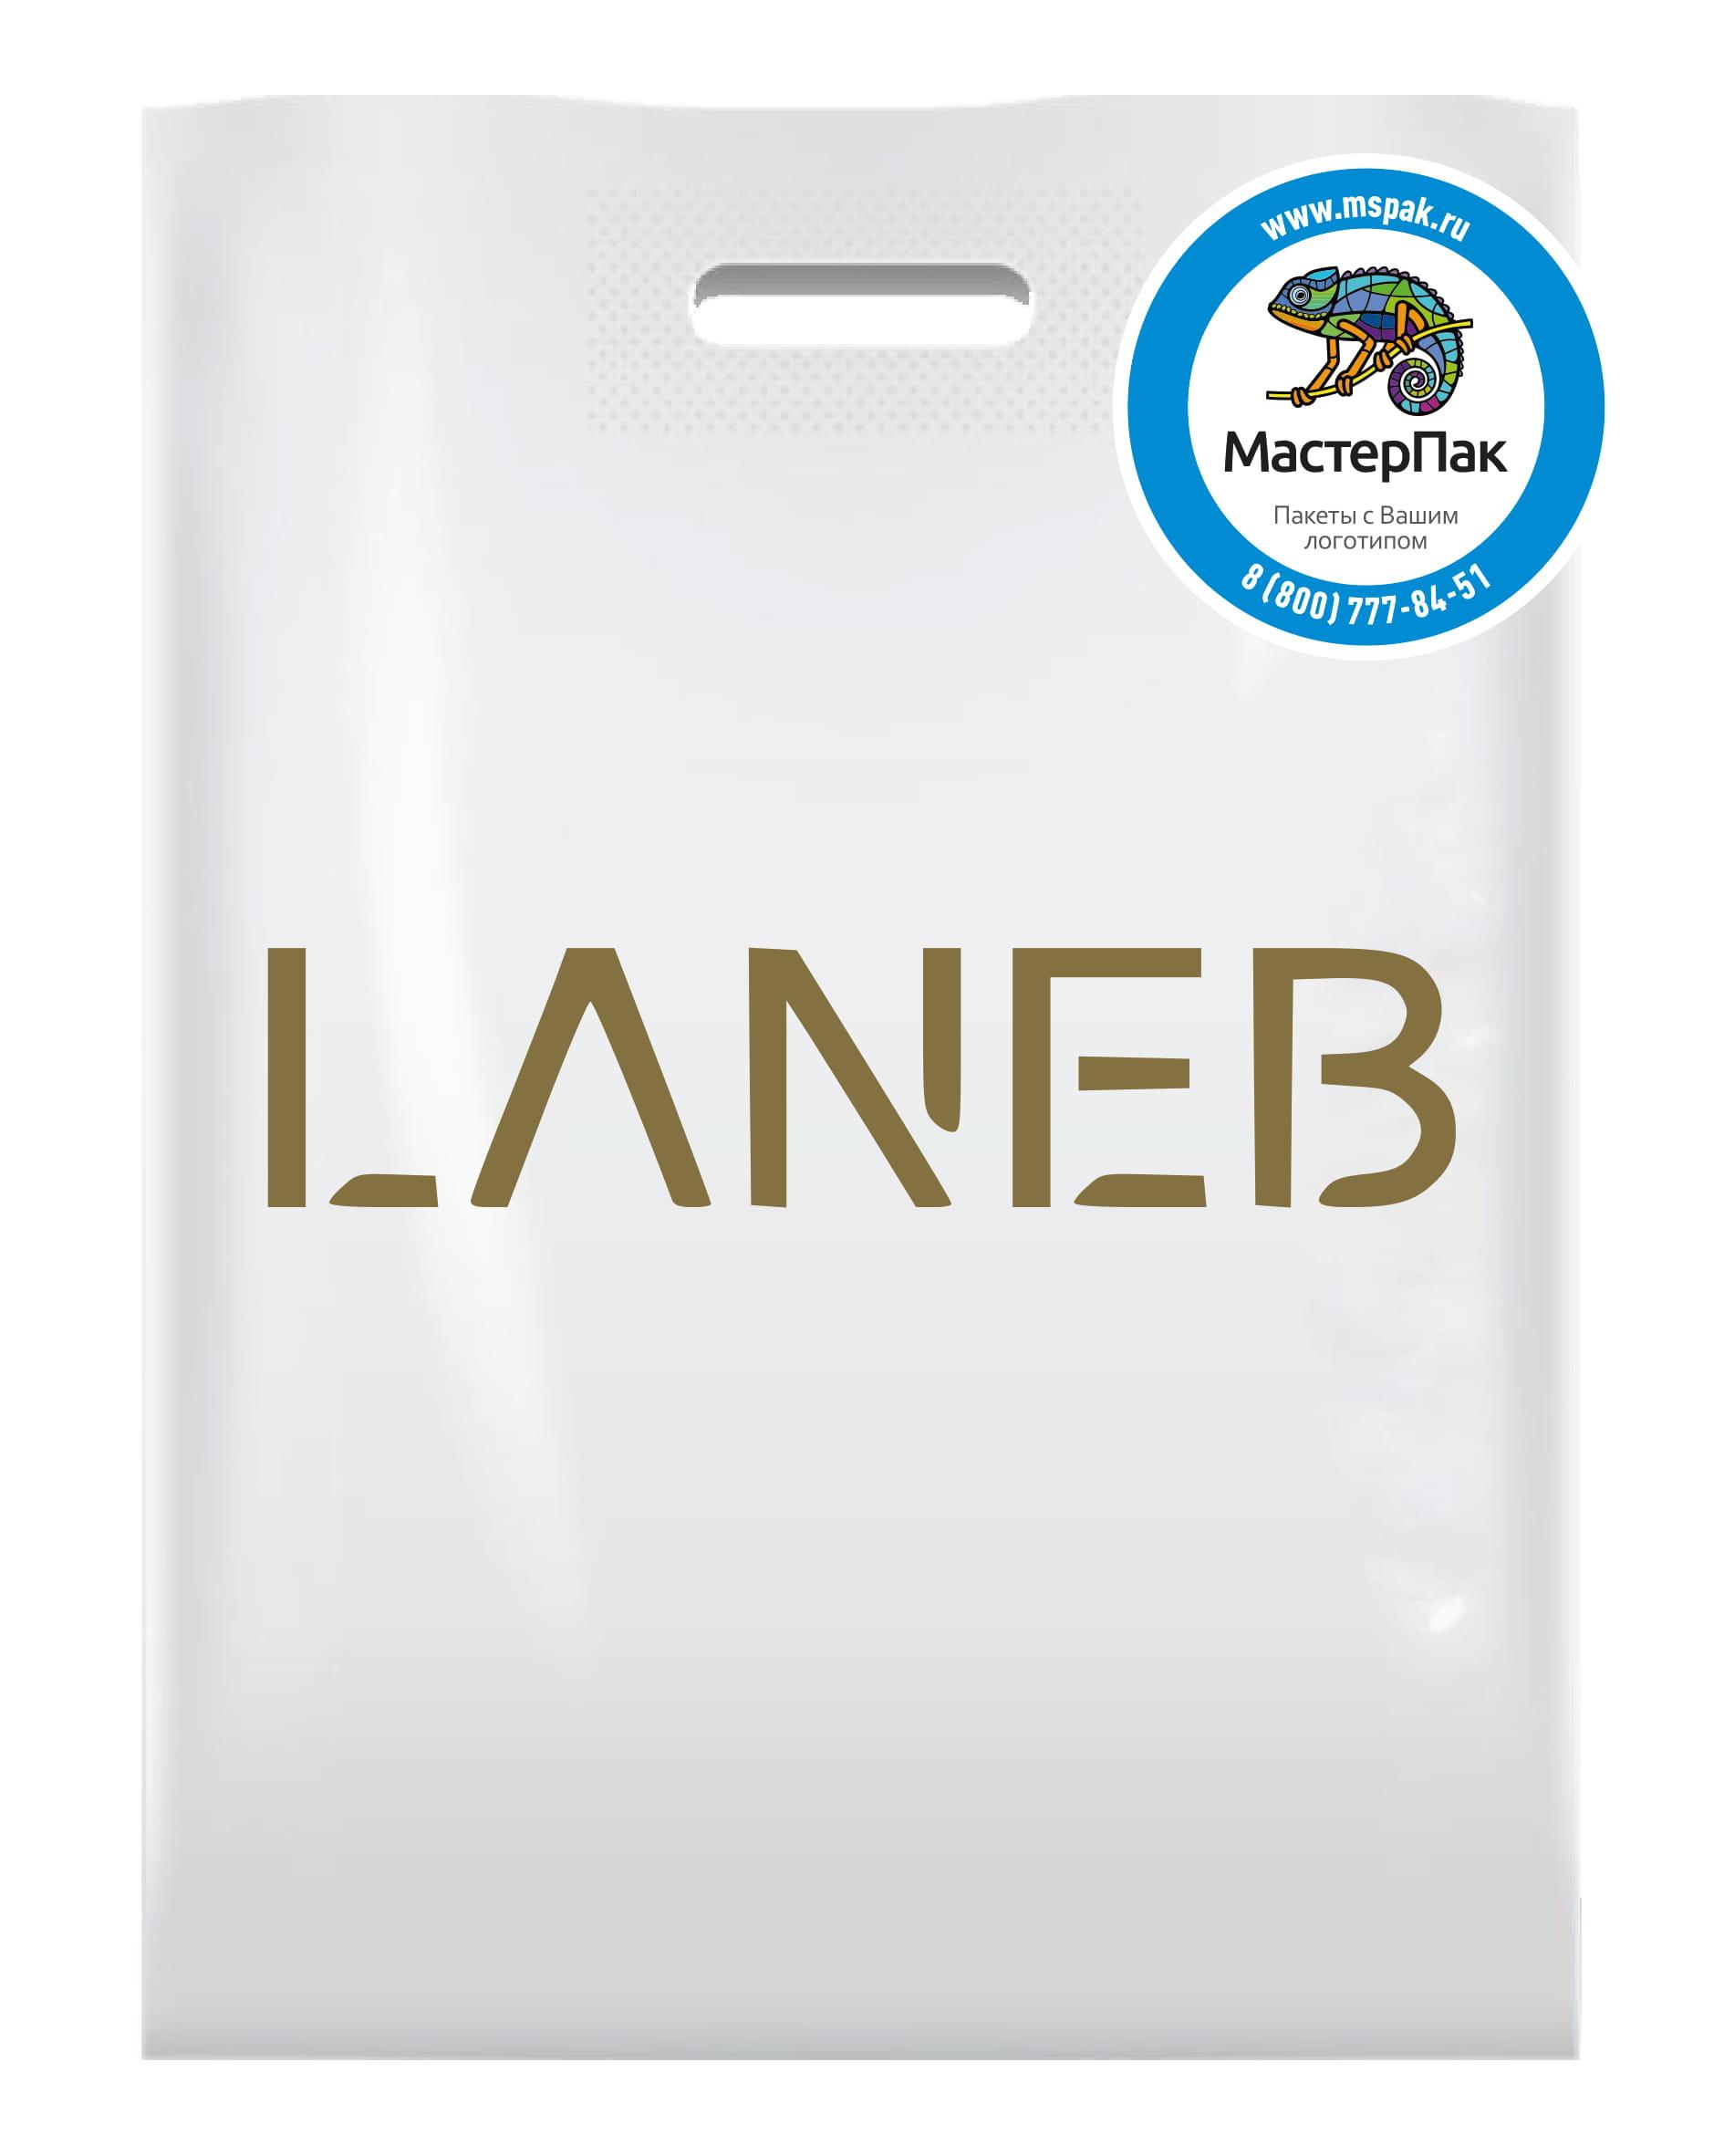 Пакет ПВД с логотипом Laneb под заказ, 70 мкм